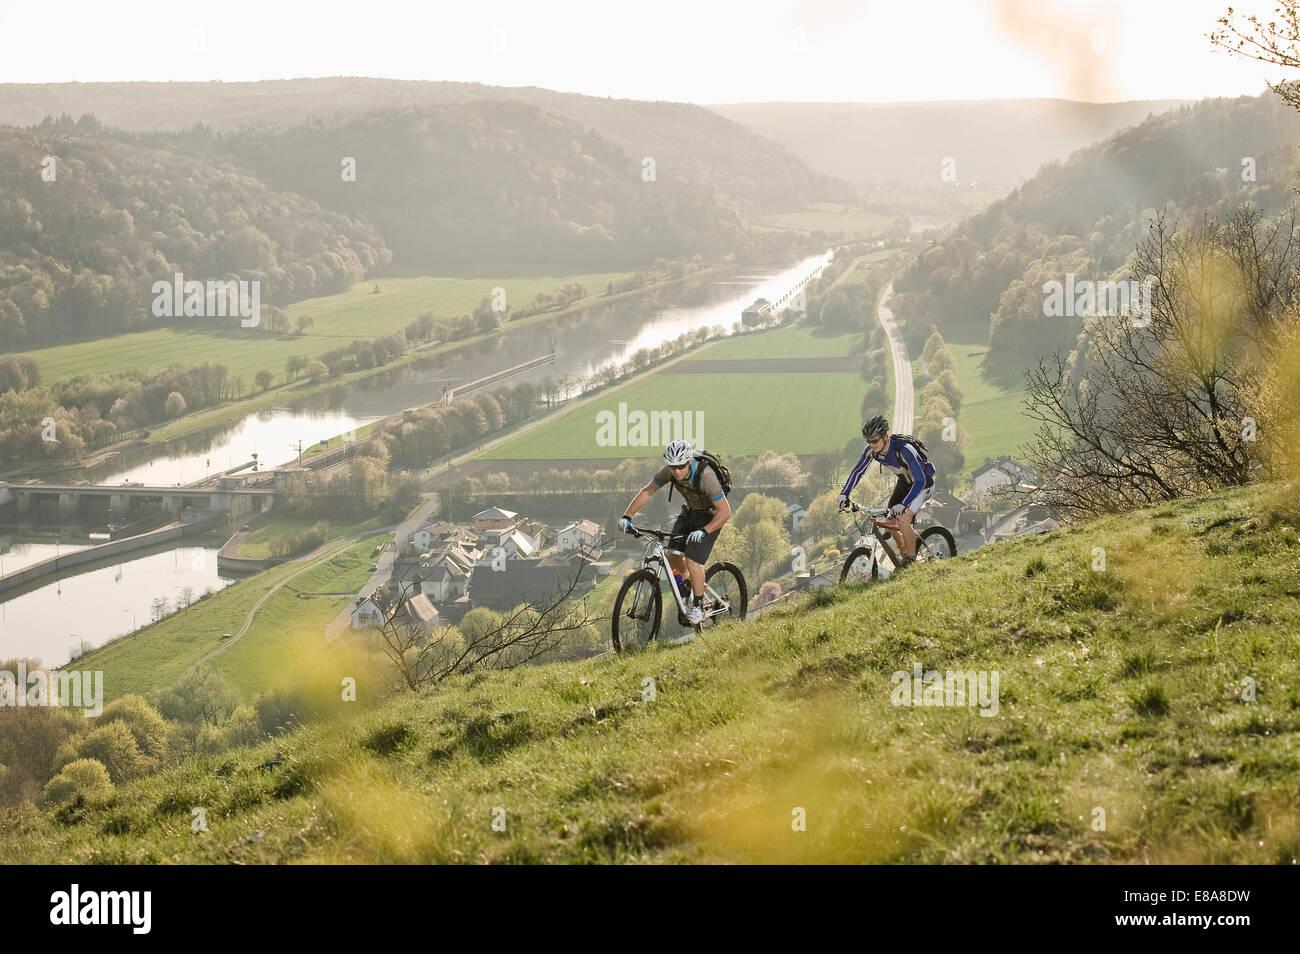 Los hombres jóvenes ir en bici al atardecer, Baviera, Alemania Imagen De Stock